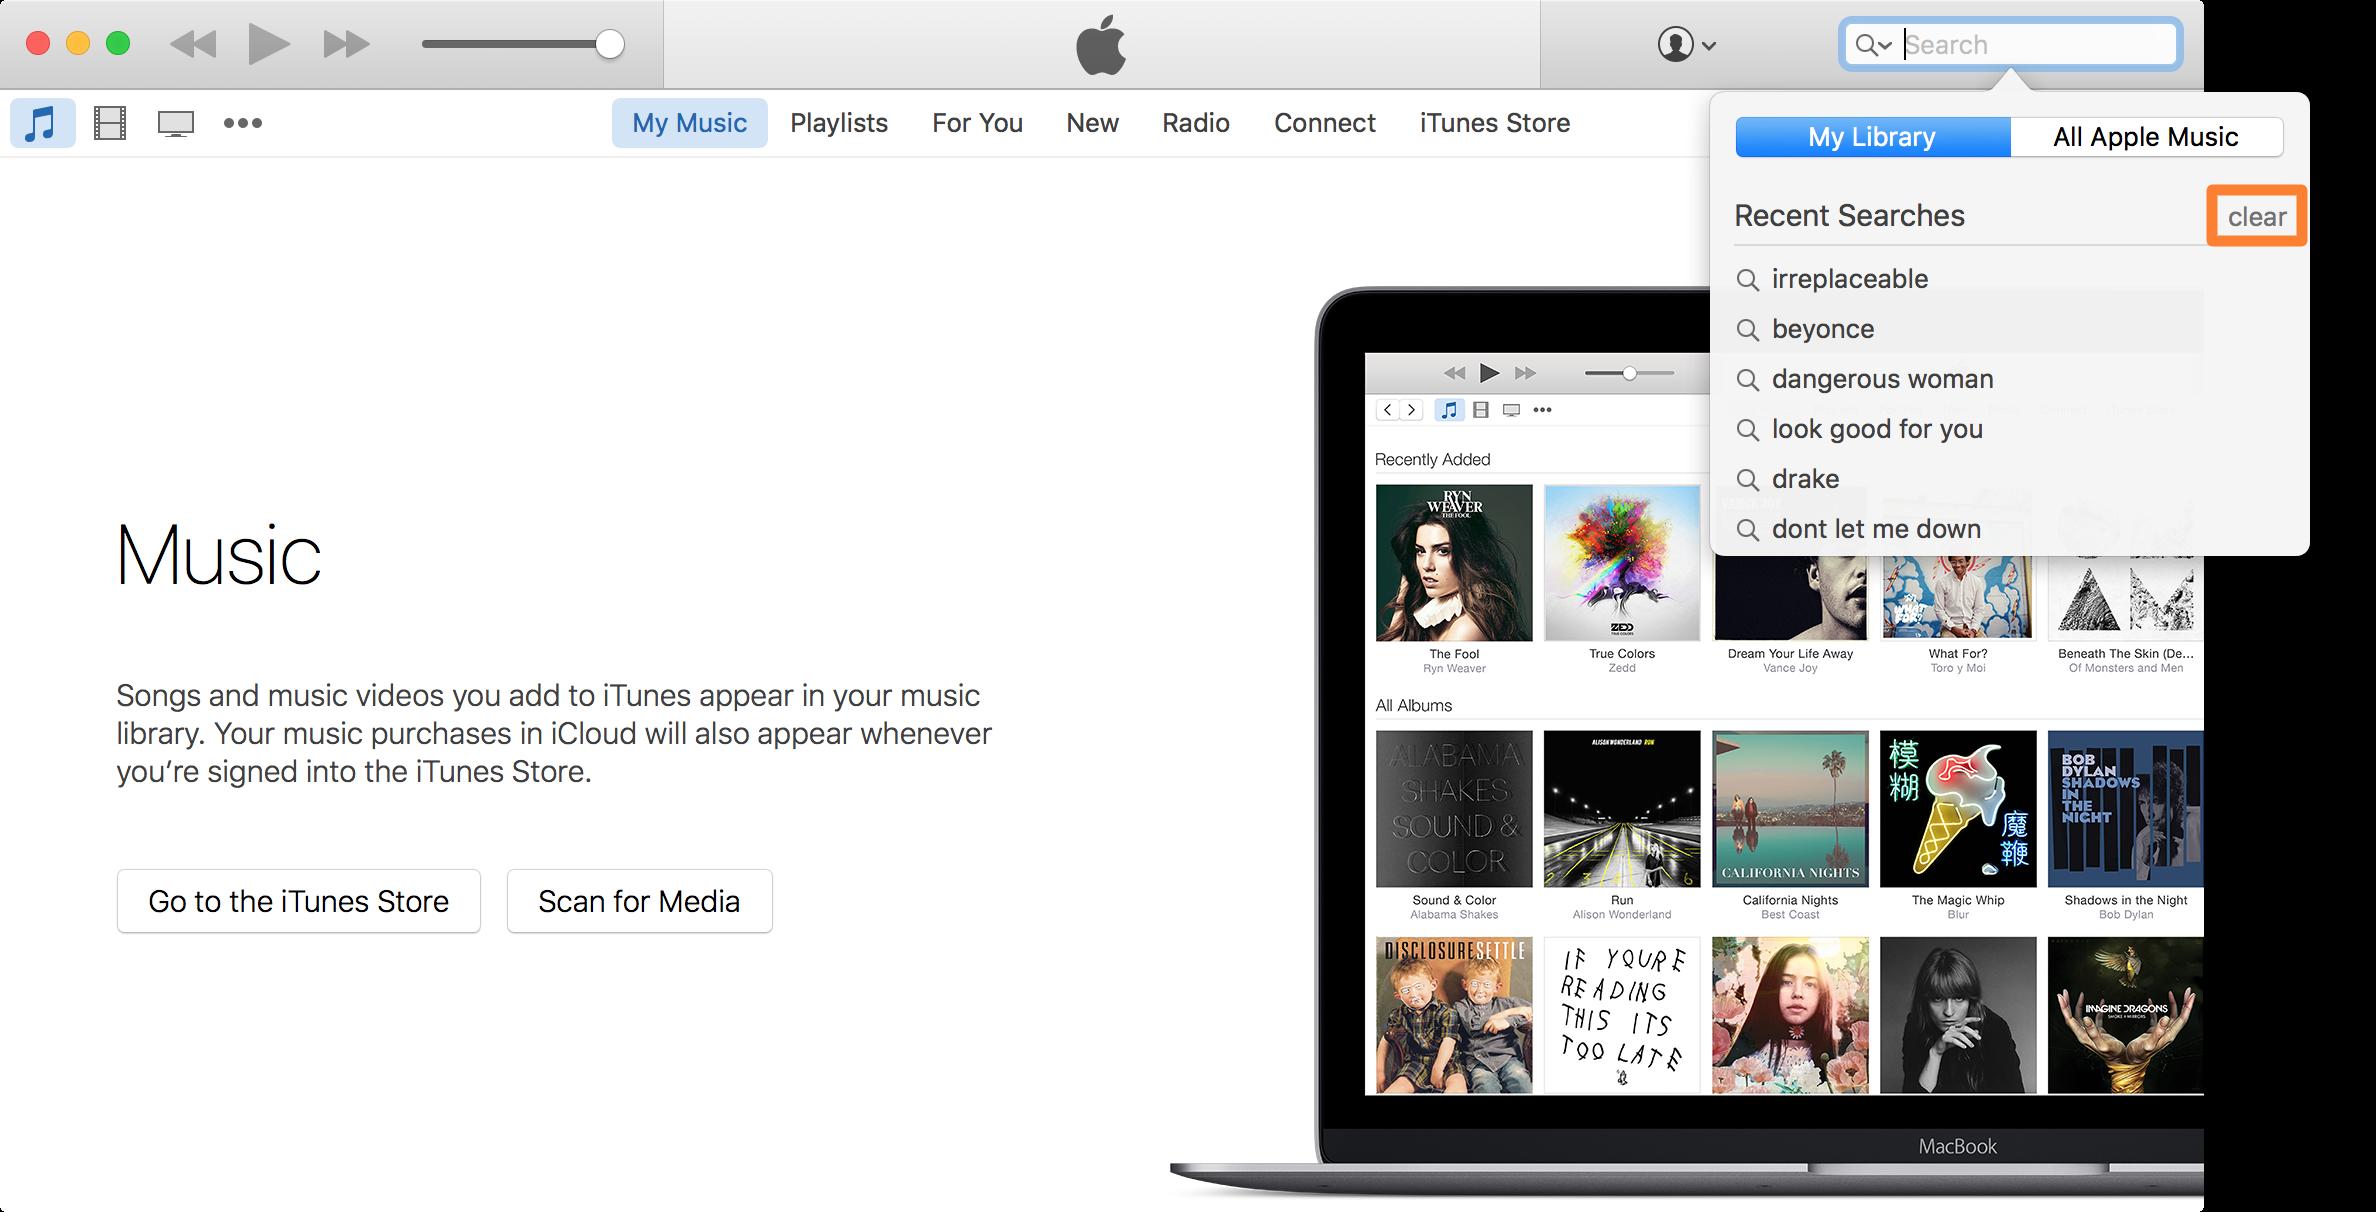 Borrar el historial de búsqueda de Apple Music en Mac 2